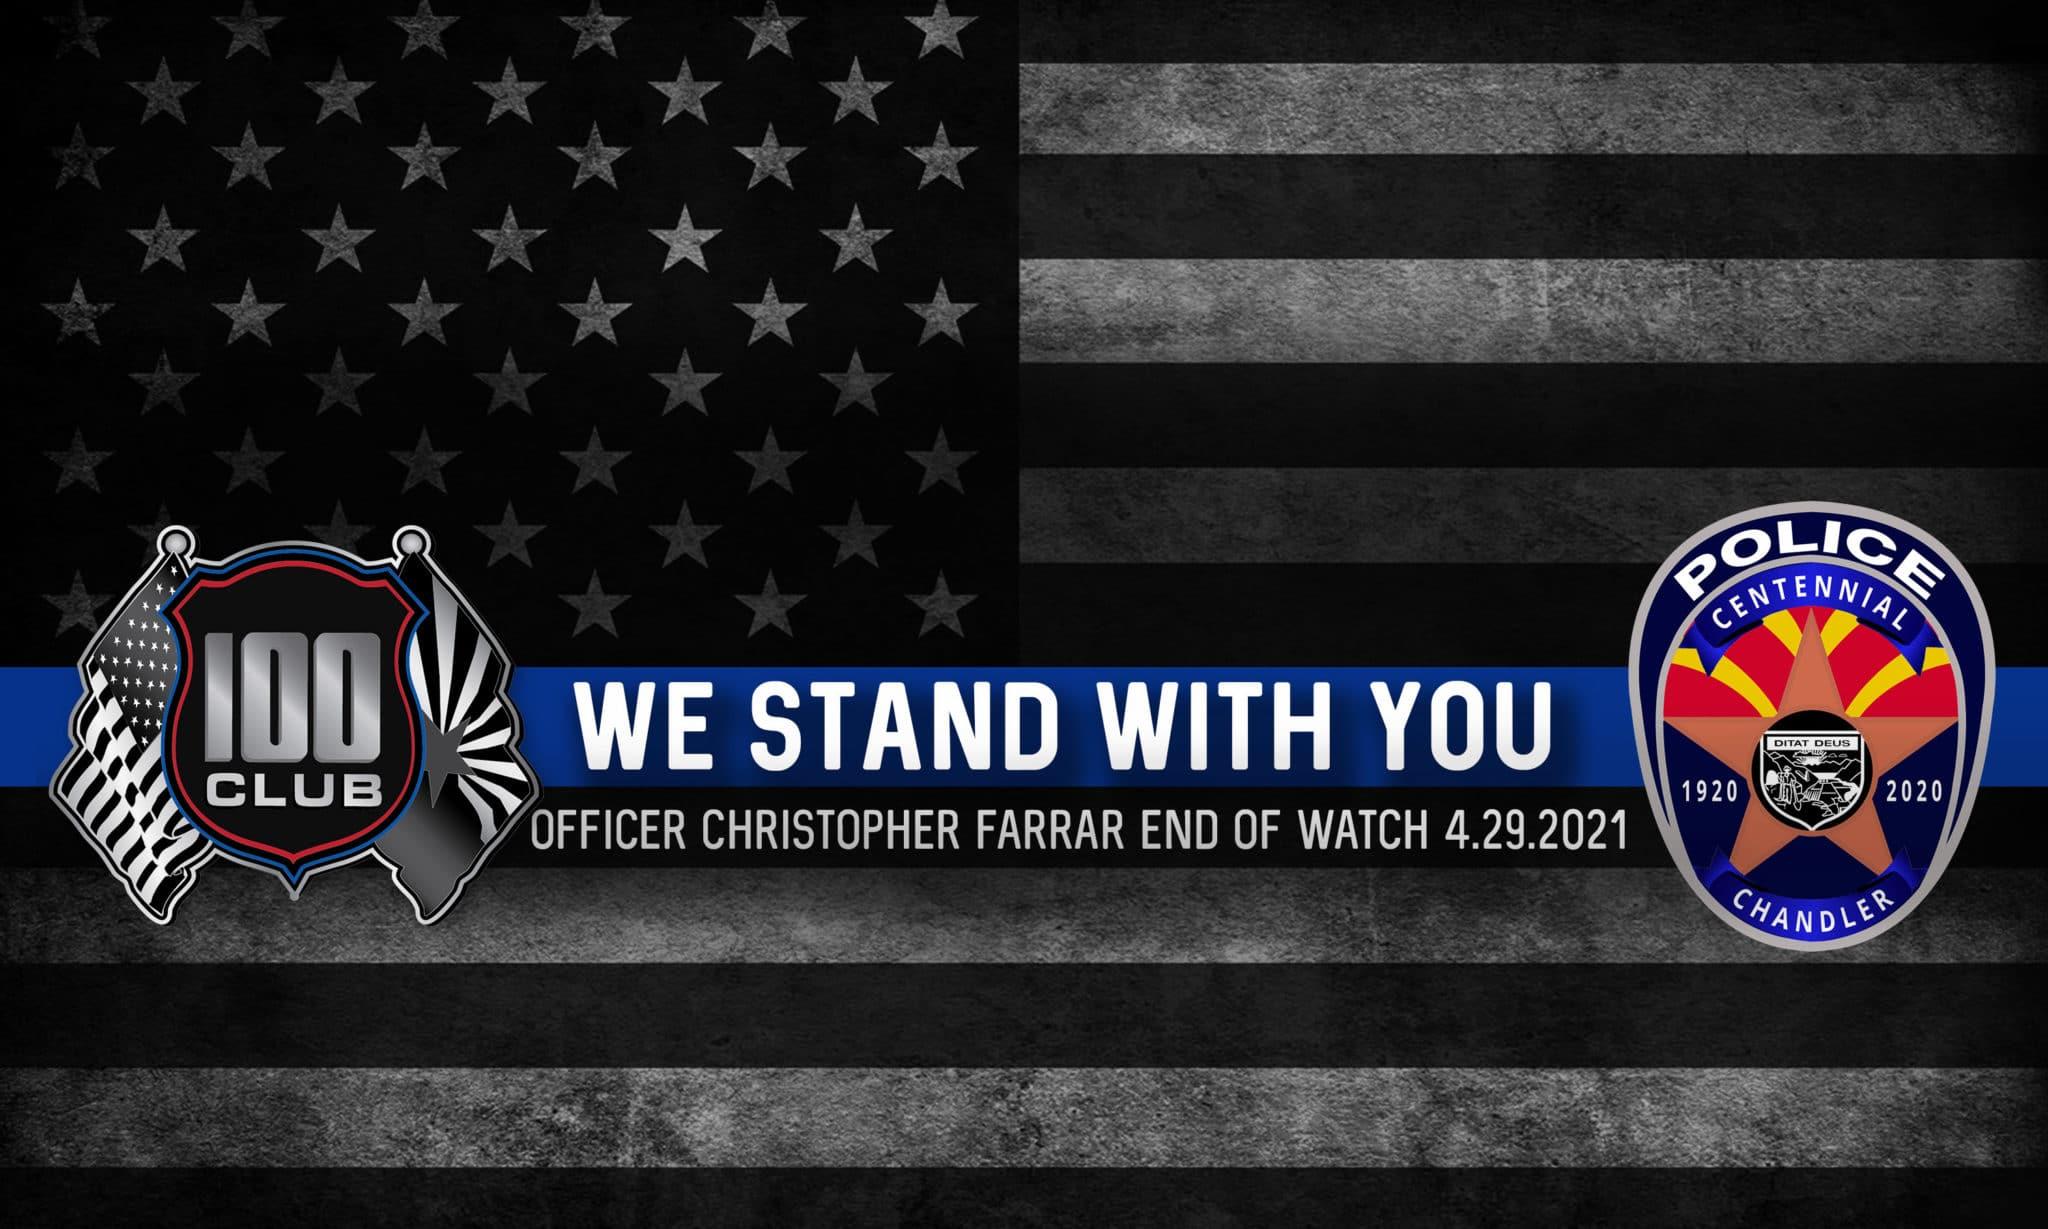 Fallen Chandler Officer Farrar